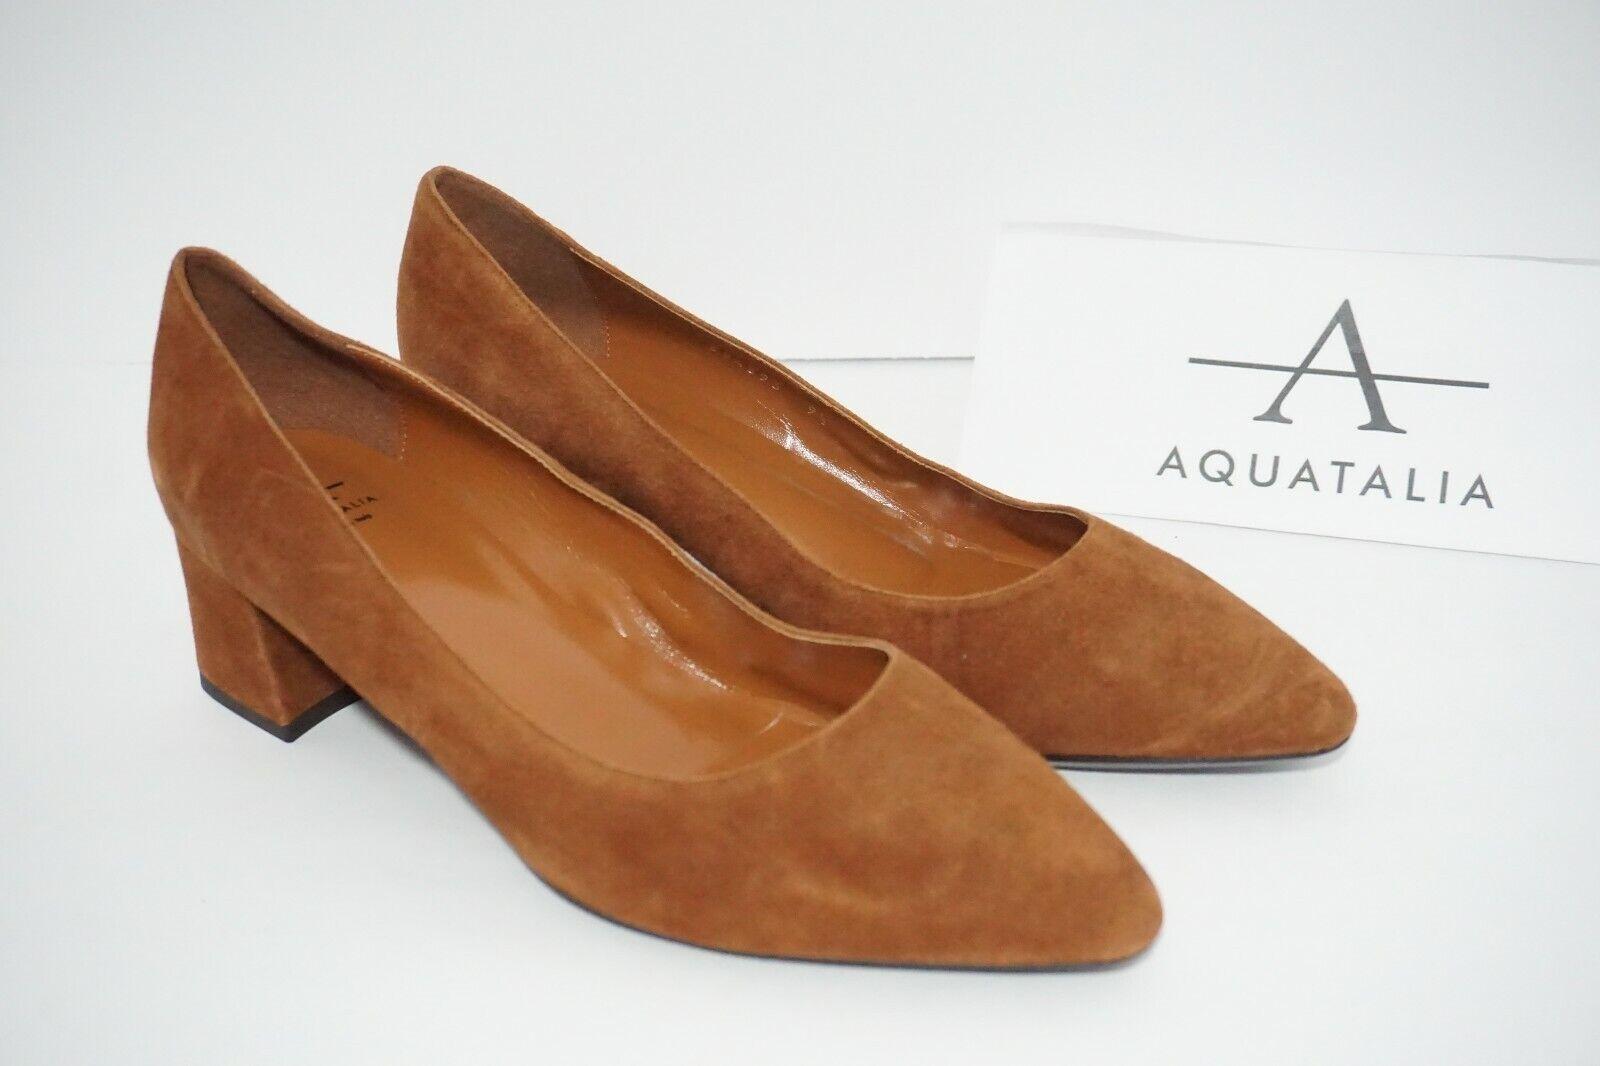 Aquatalia Pasha Waterproof Pointed Toe Heels Pumps Brown Suede US 11 M